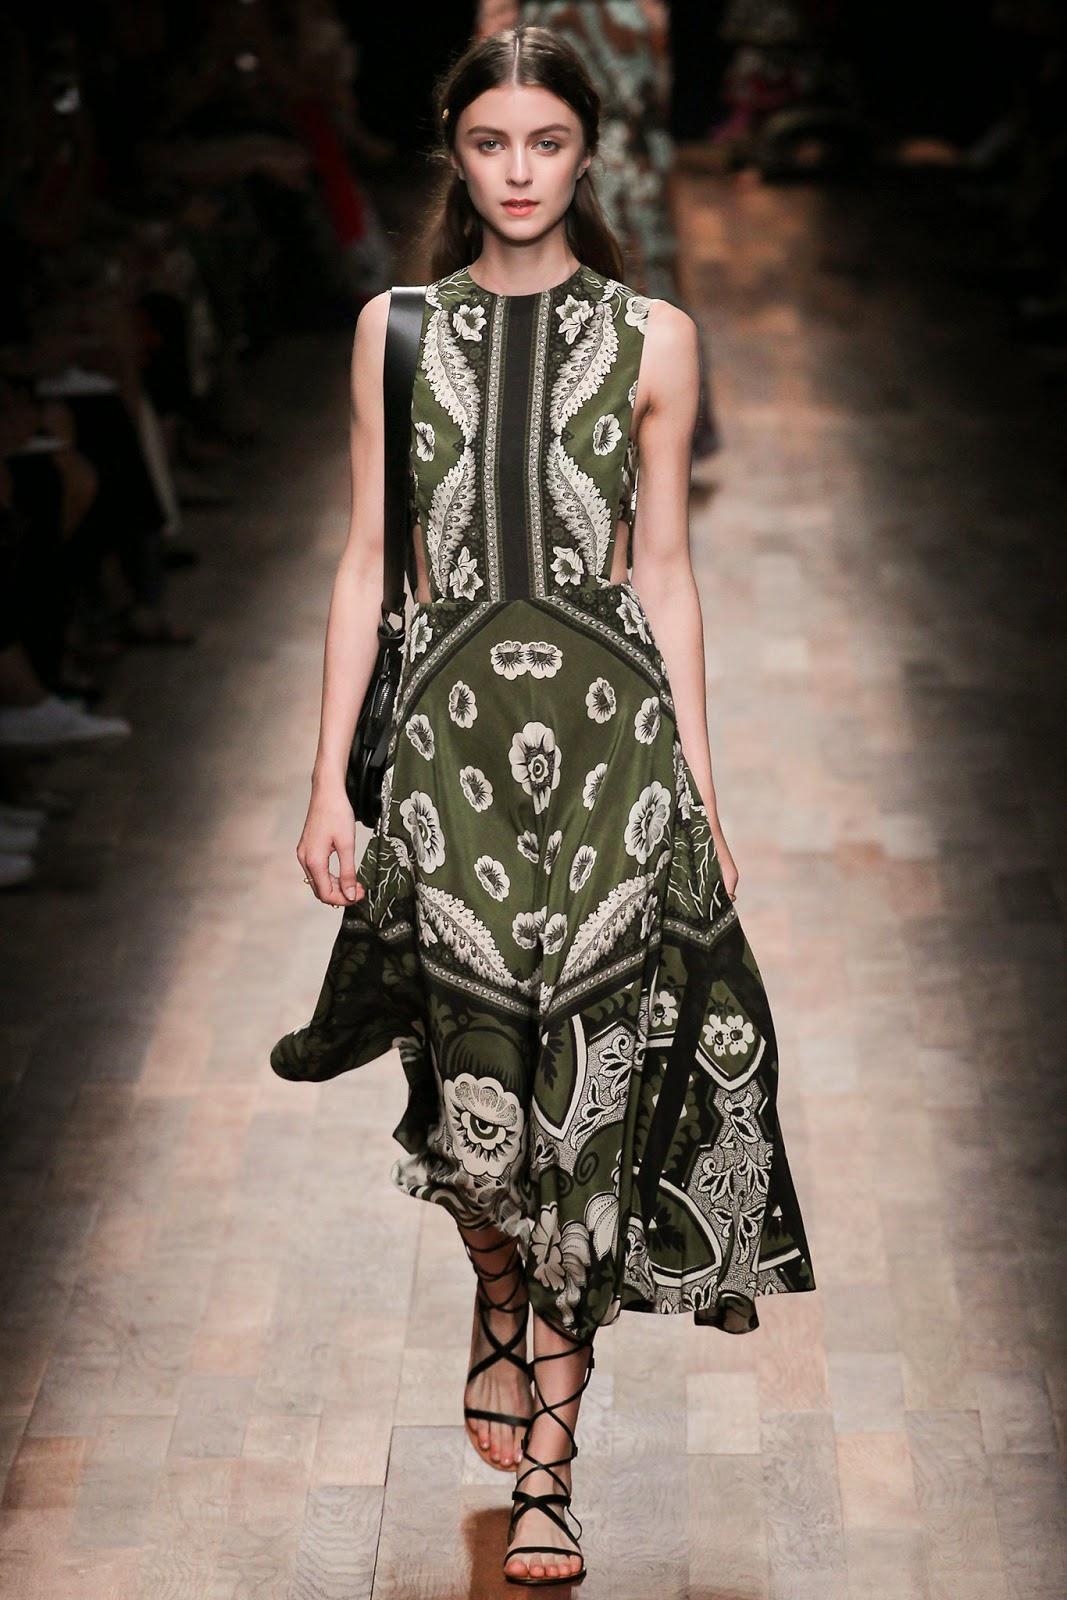 valentino 2015 summer 2016 trend women dress18 Valentino 2015 samling, våren sommaren 2016 Valentino klänning modeller, Valentino kväll klänning nya säsongen kvinnors kjolar modeller